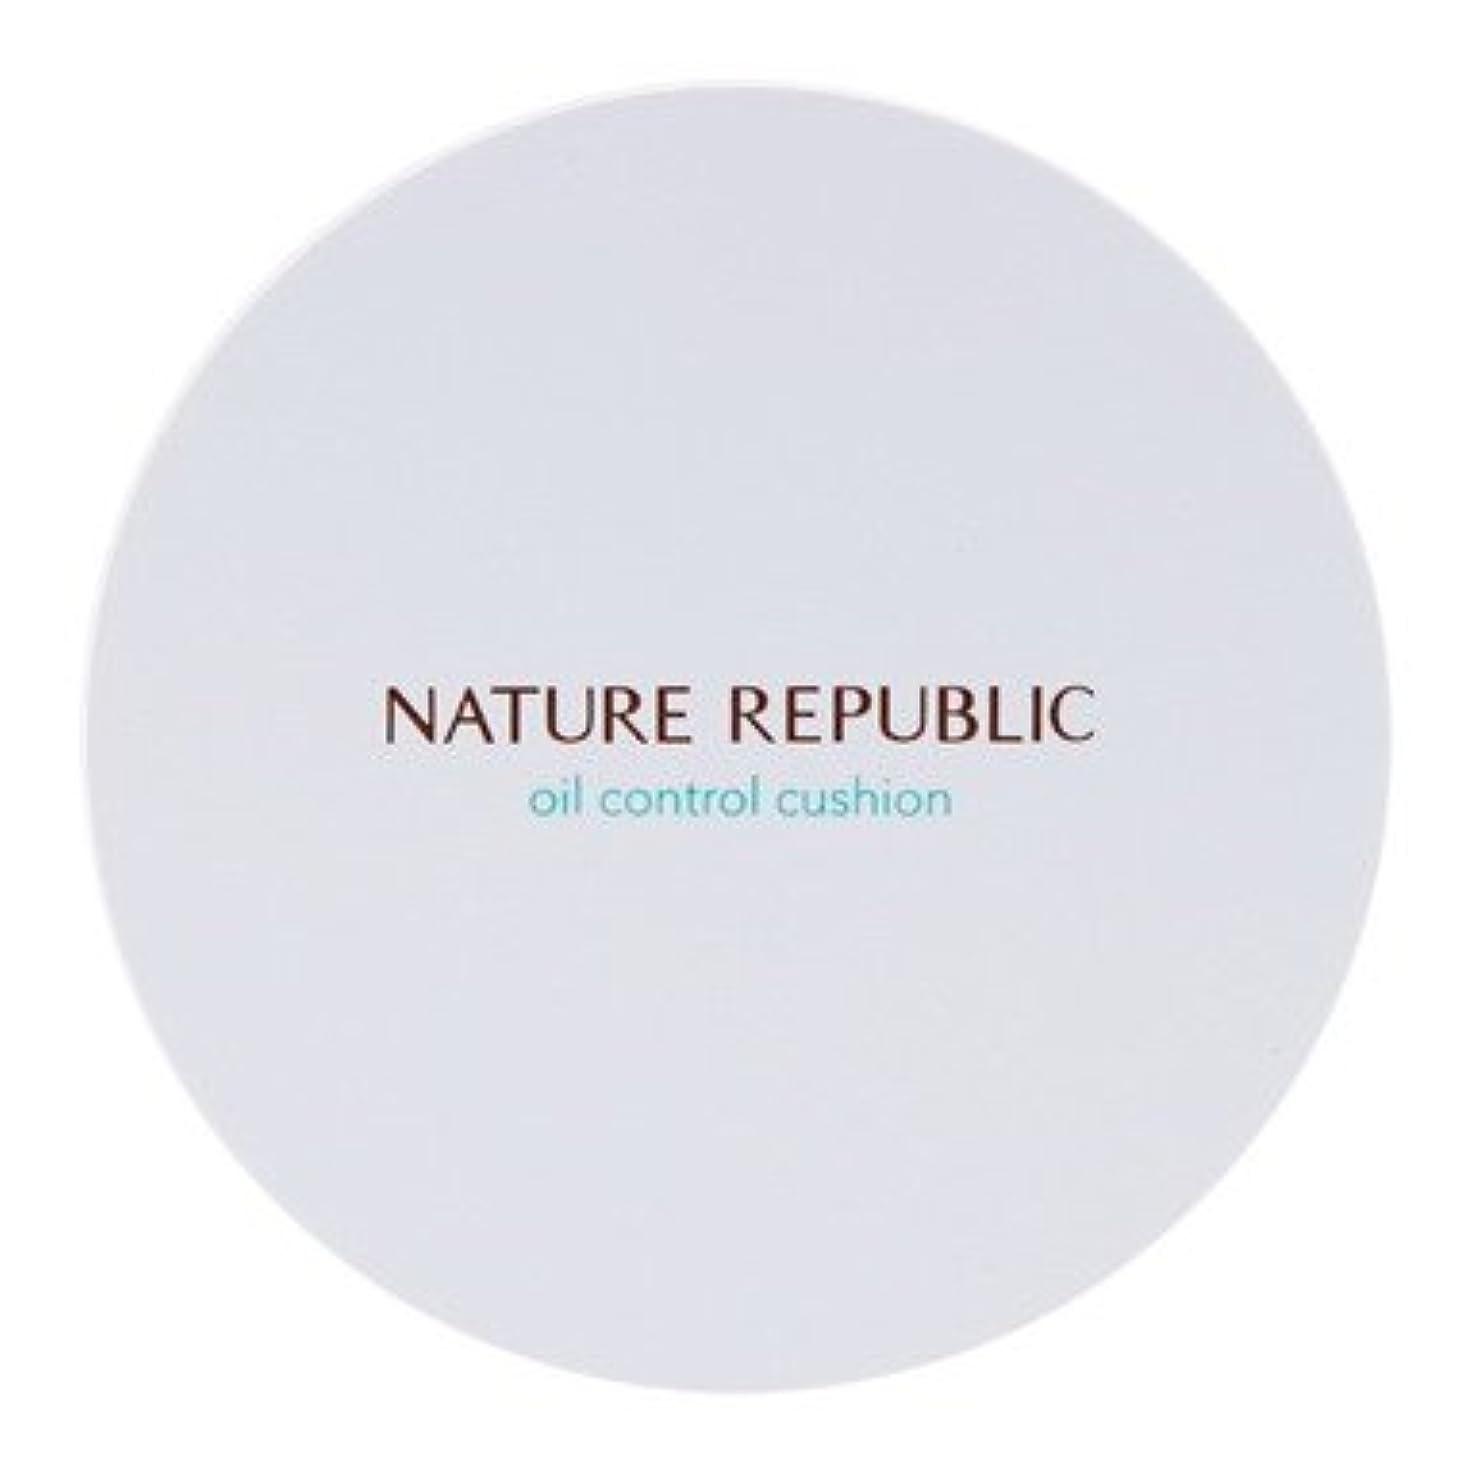 ピカソスカルク裏切り者【NATURE REPUBLIC (ネイチャーリパブリック)】プロヴァンス エアスキンフィット オイルコントロール クッション 15g (SPF50+/ PA+++)(2カラー選択1) (02 ナチュラルベージュ) [並行輸入品]